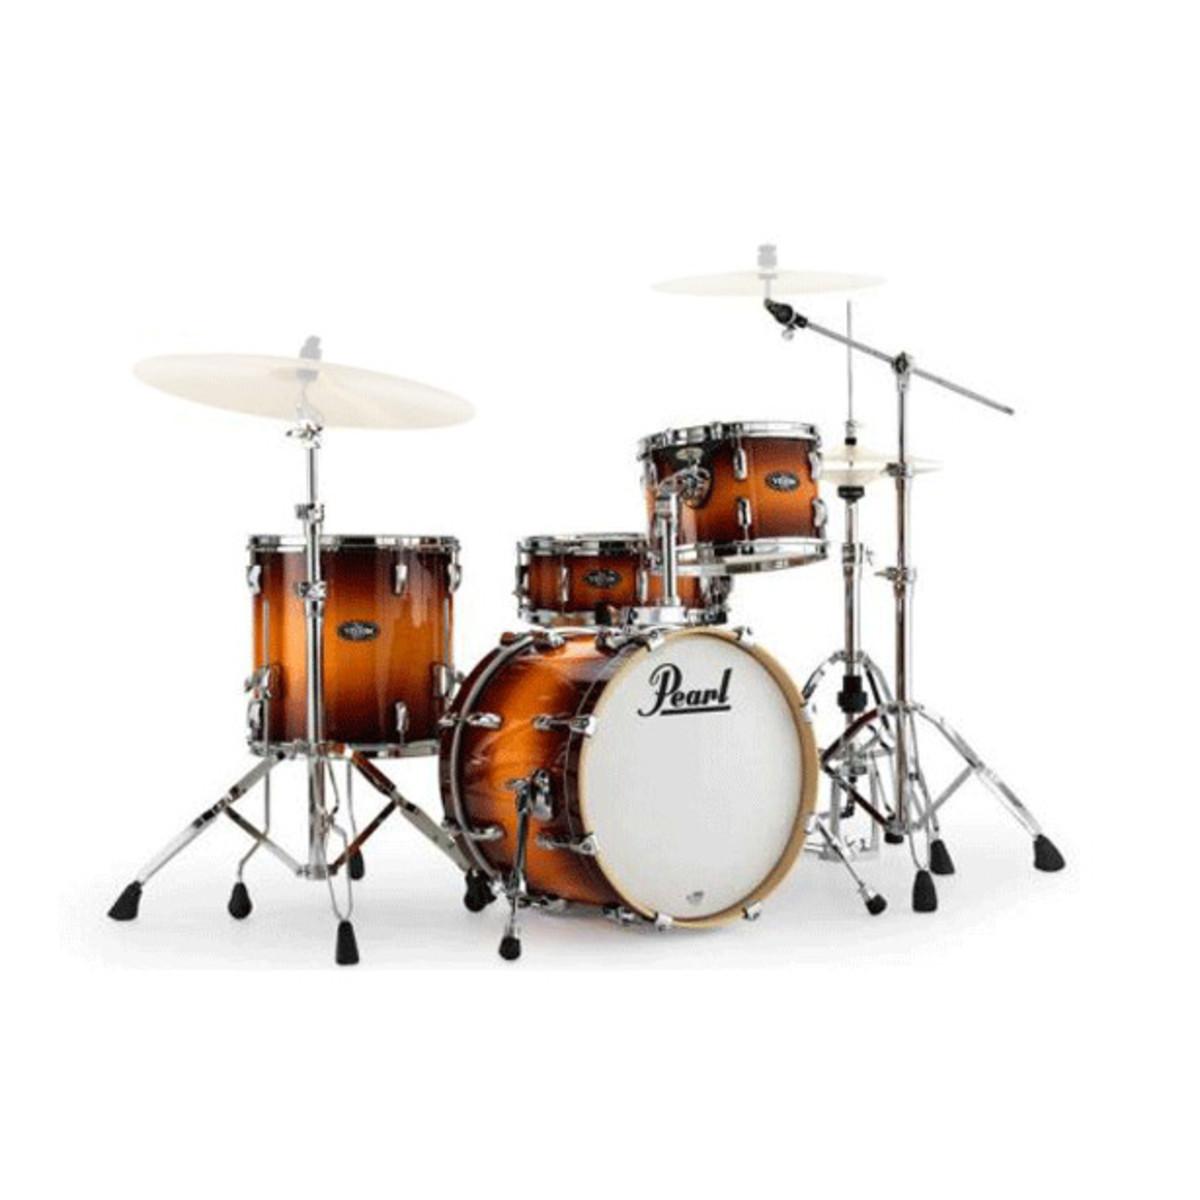 pearl vision vbl bop kit drum kit vintage tobacco burst at. Black Bedroom Furniture Sets. Home Design Ideas